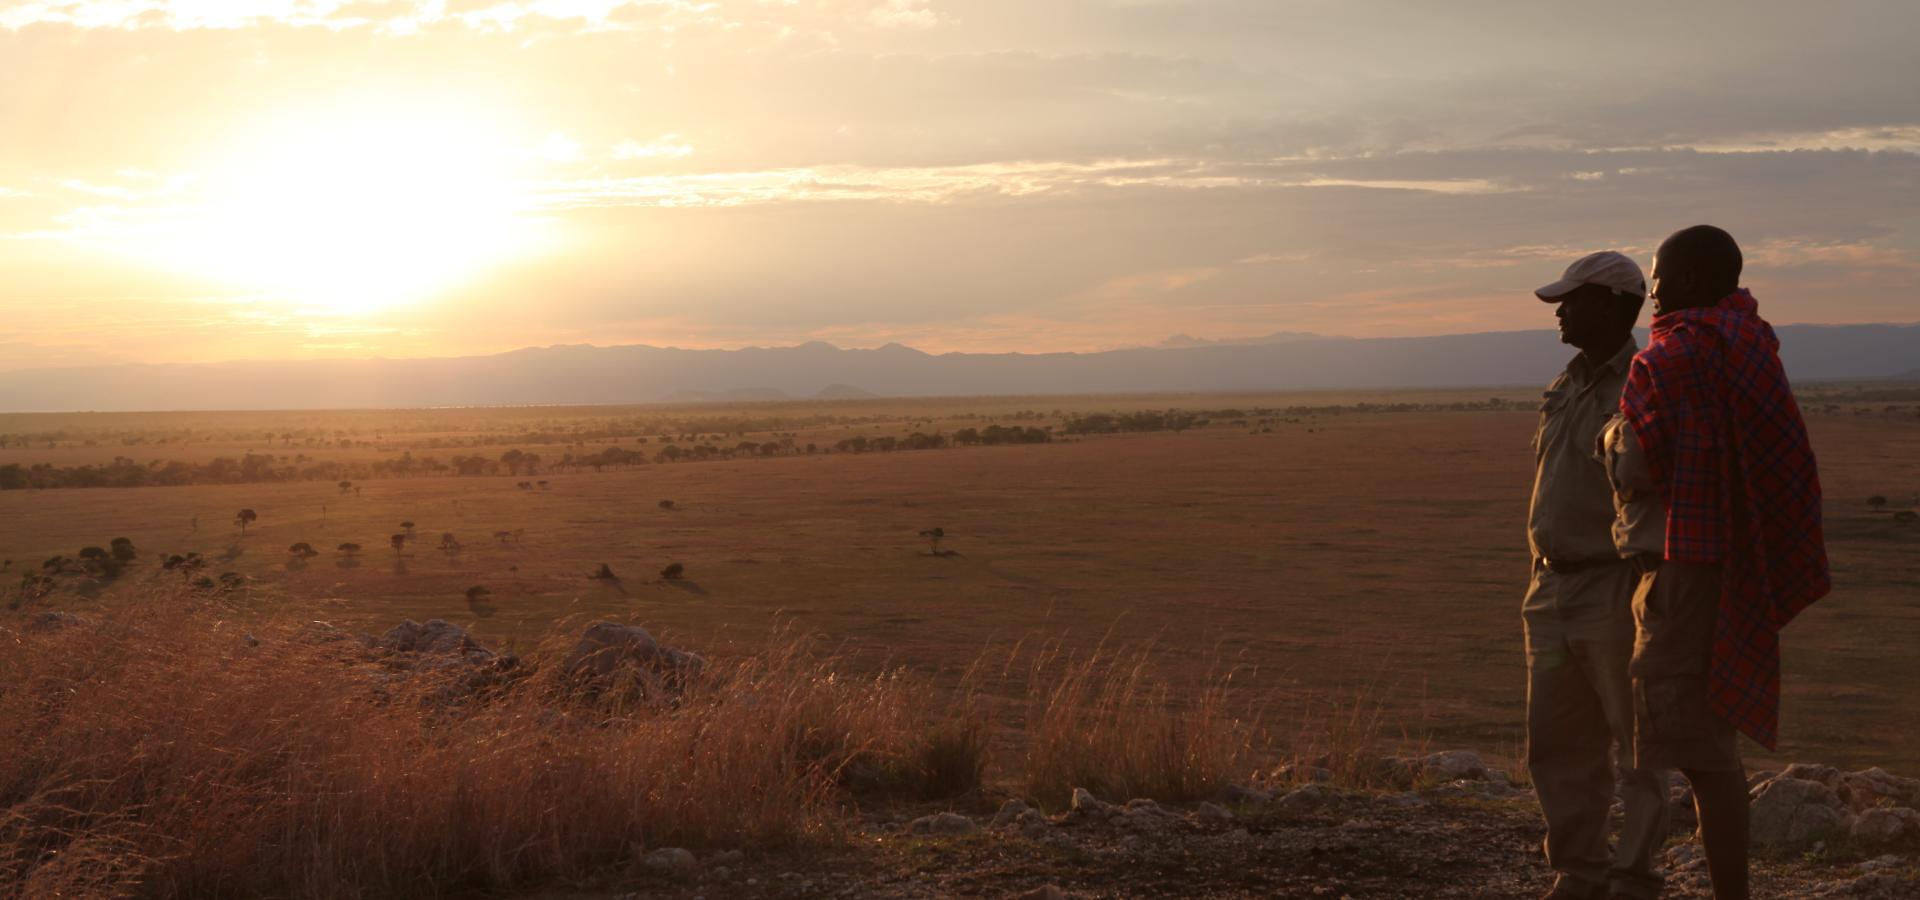 Lassen Sie in den Naturparadiesen Tanzanias wunderschöne afrikanische Sonnenuntergänge auf sich wirken